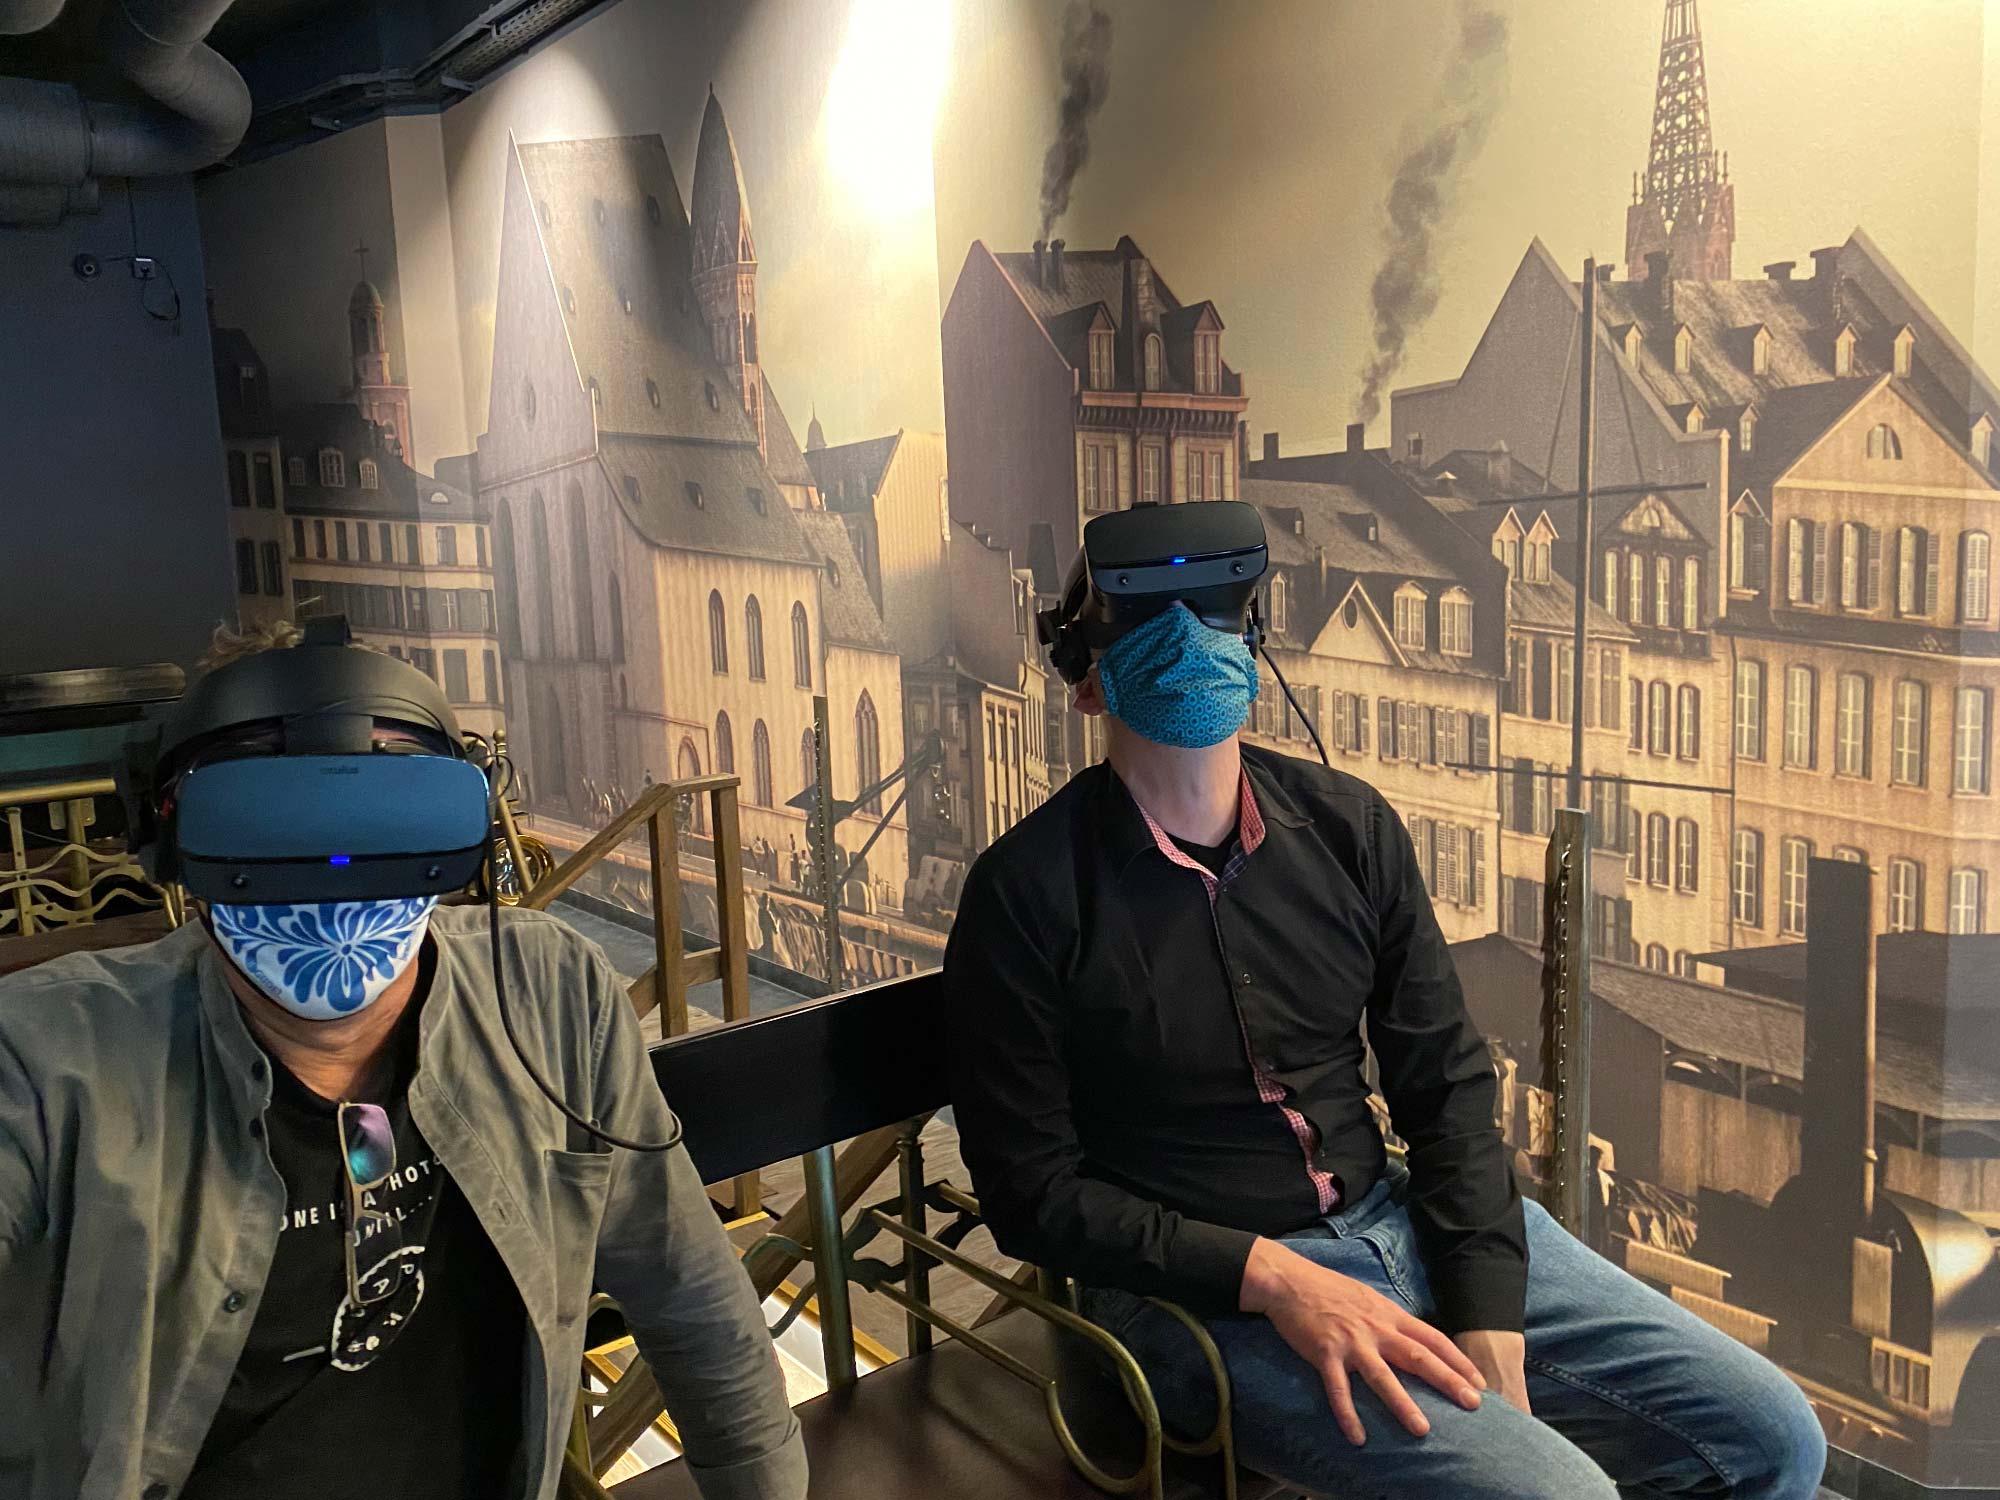 Auch in Coronazeiten sicher: Besucher können mittels 3D Brille eine Kutschfahrt durch das alte Frankfurt erleben - virtuelle Realität mittels 360 Grad Brille